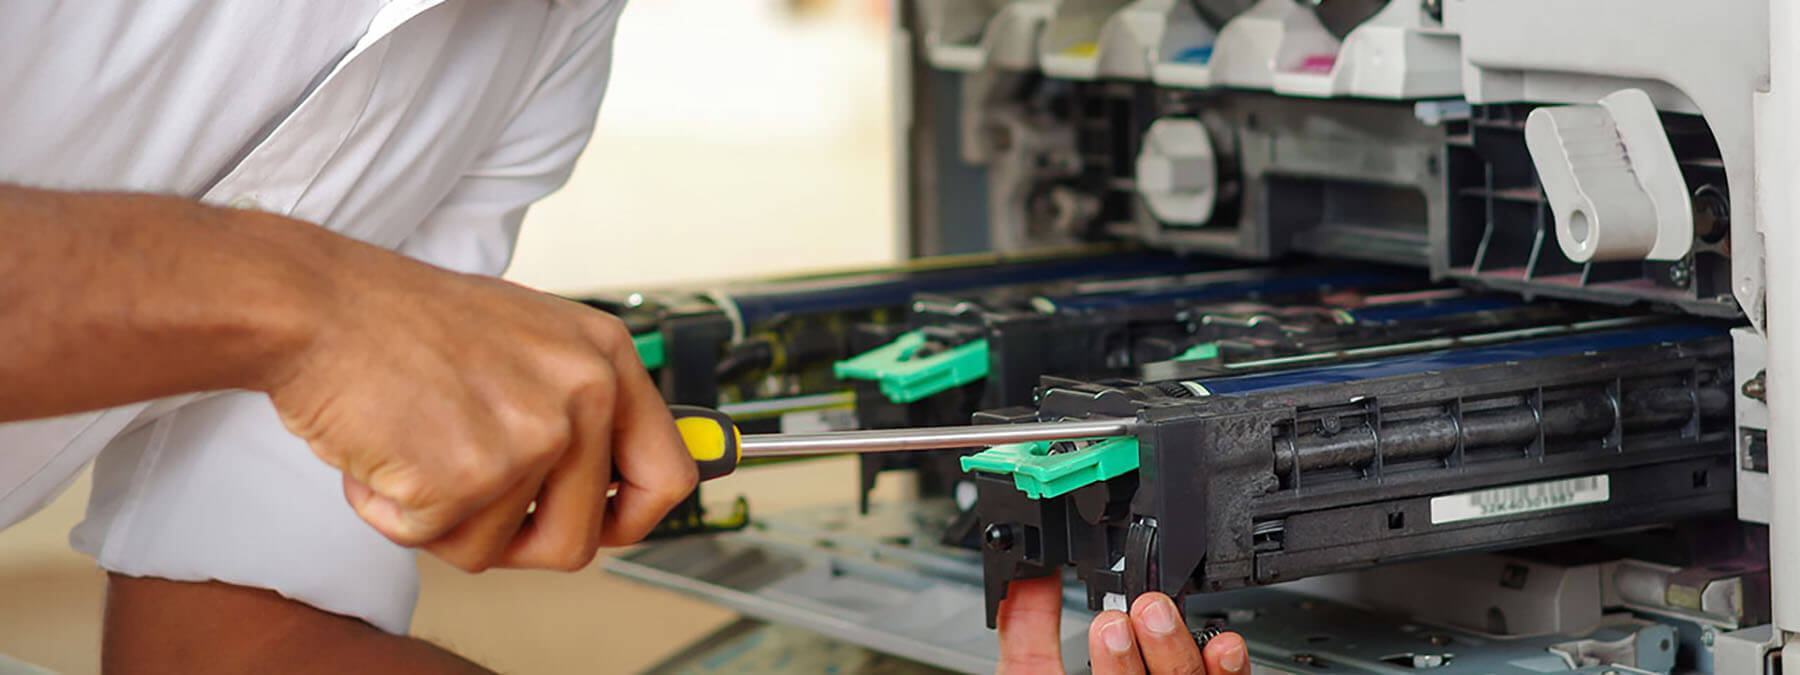 Man Fixing Printer